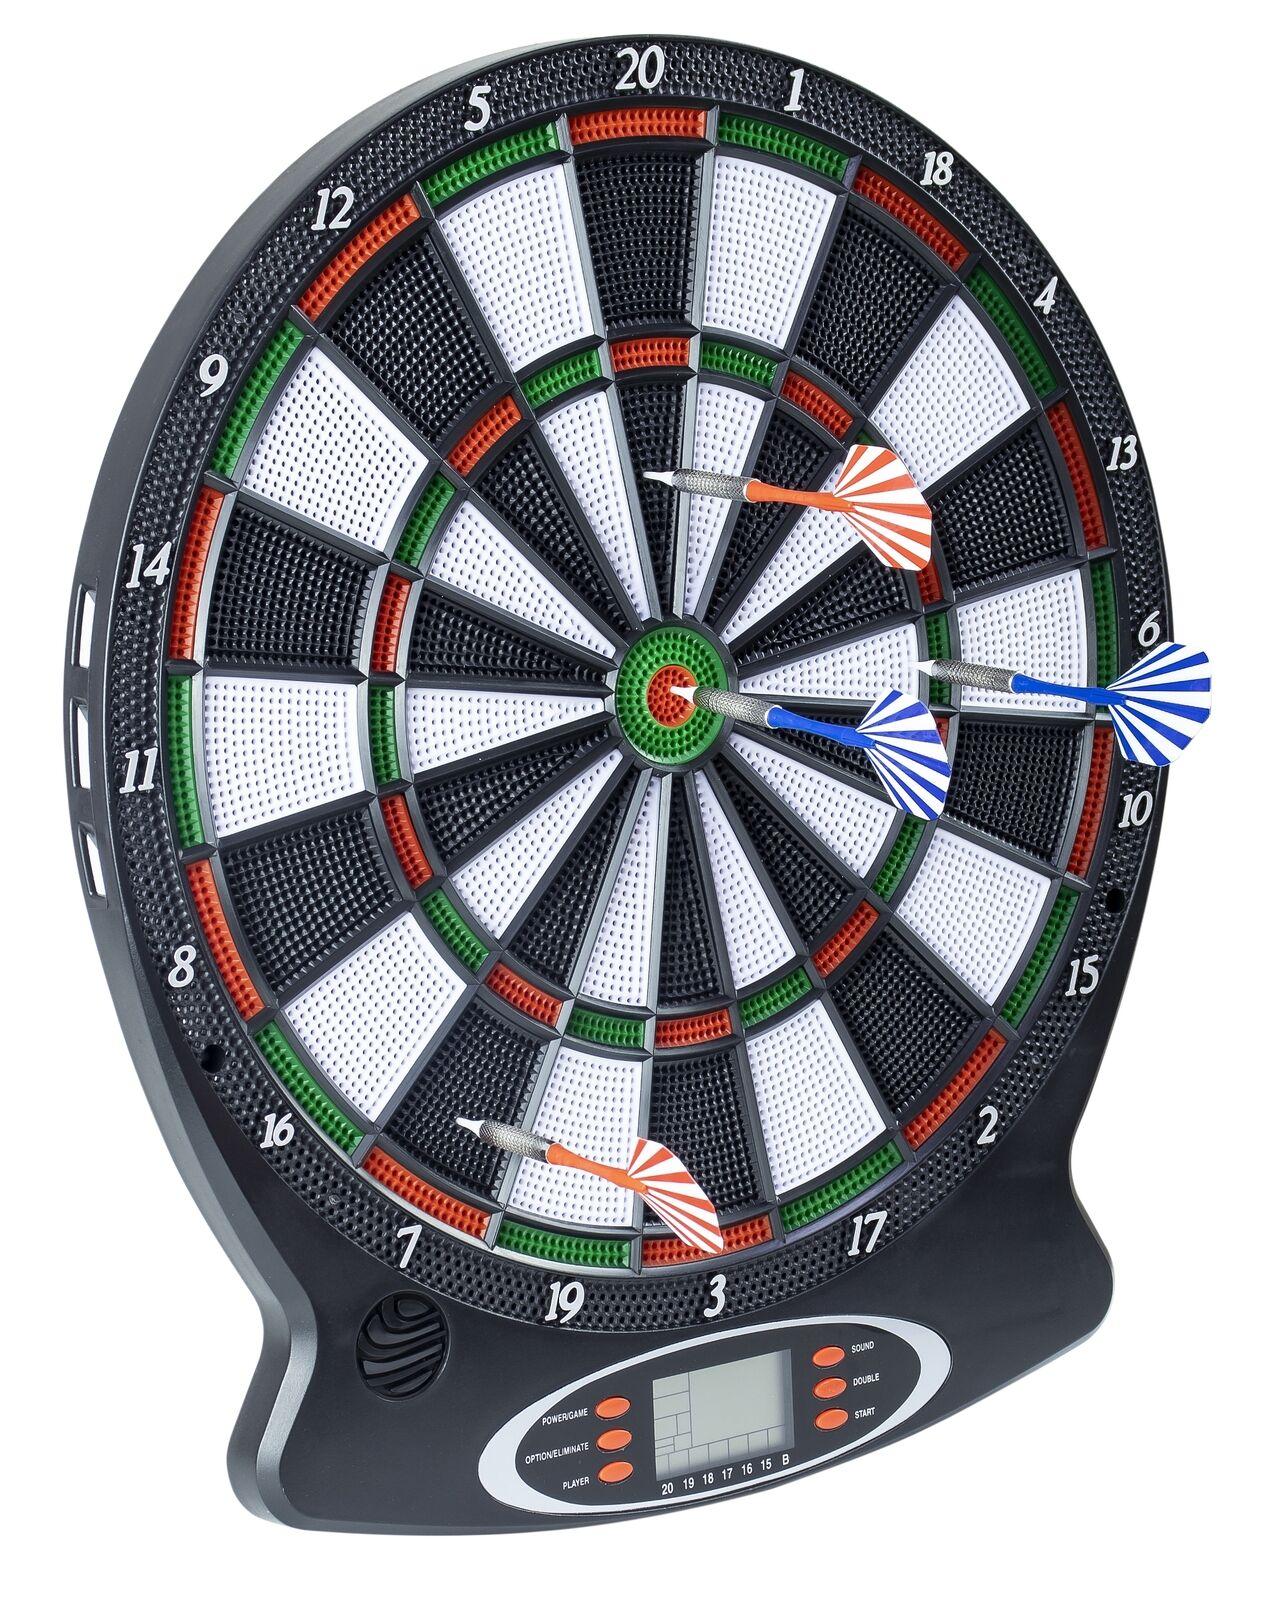 Elektronische Dartscheibe 1-8 Spieler 6 Softdarts Pfeile Dartboard Score Display